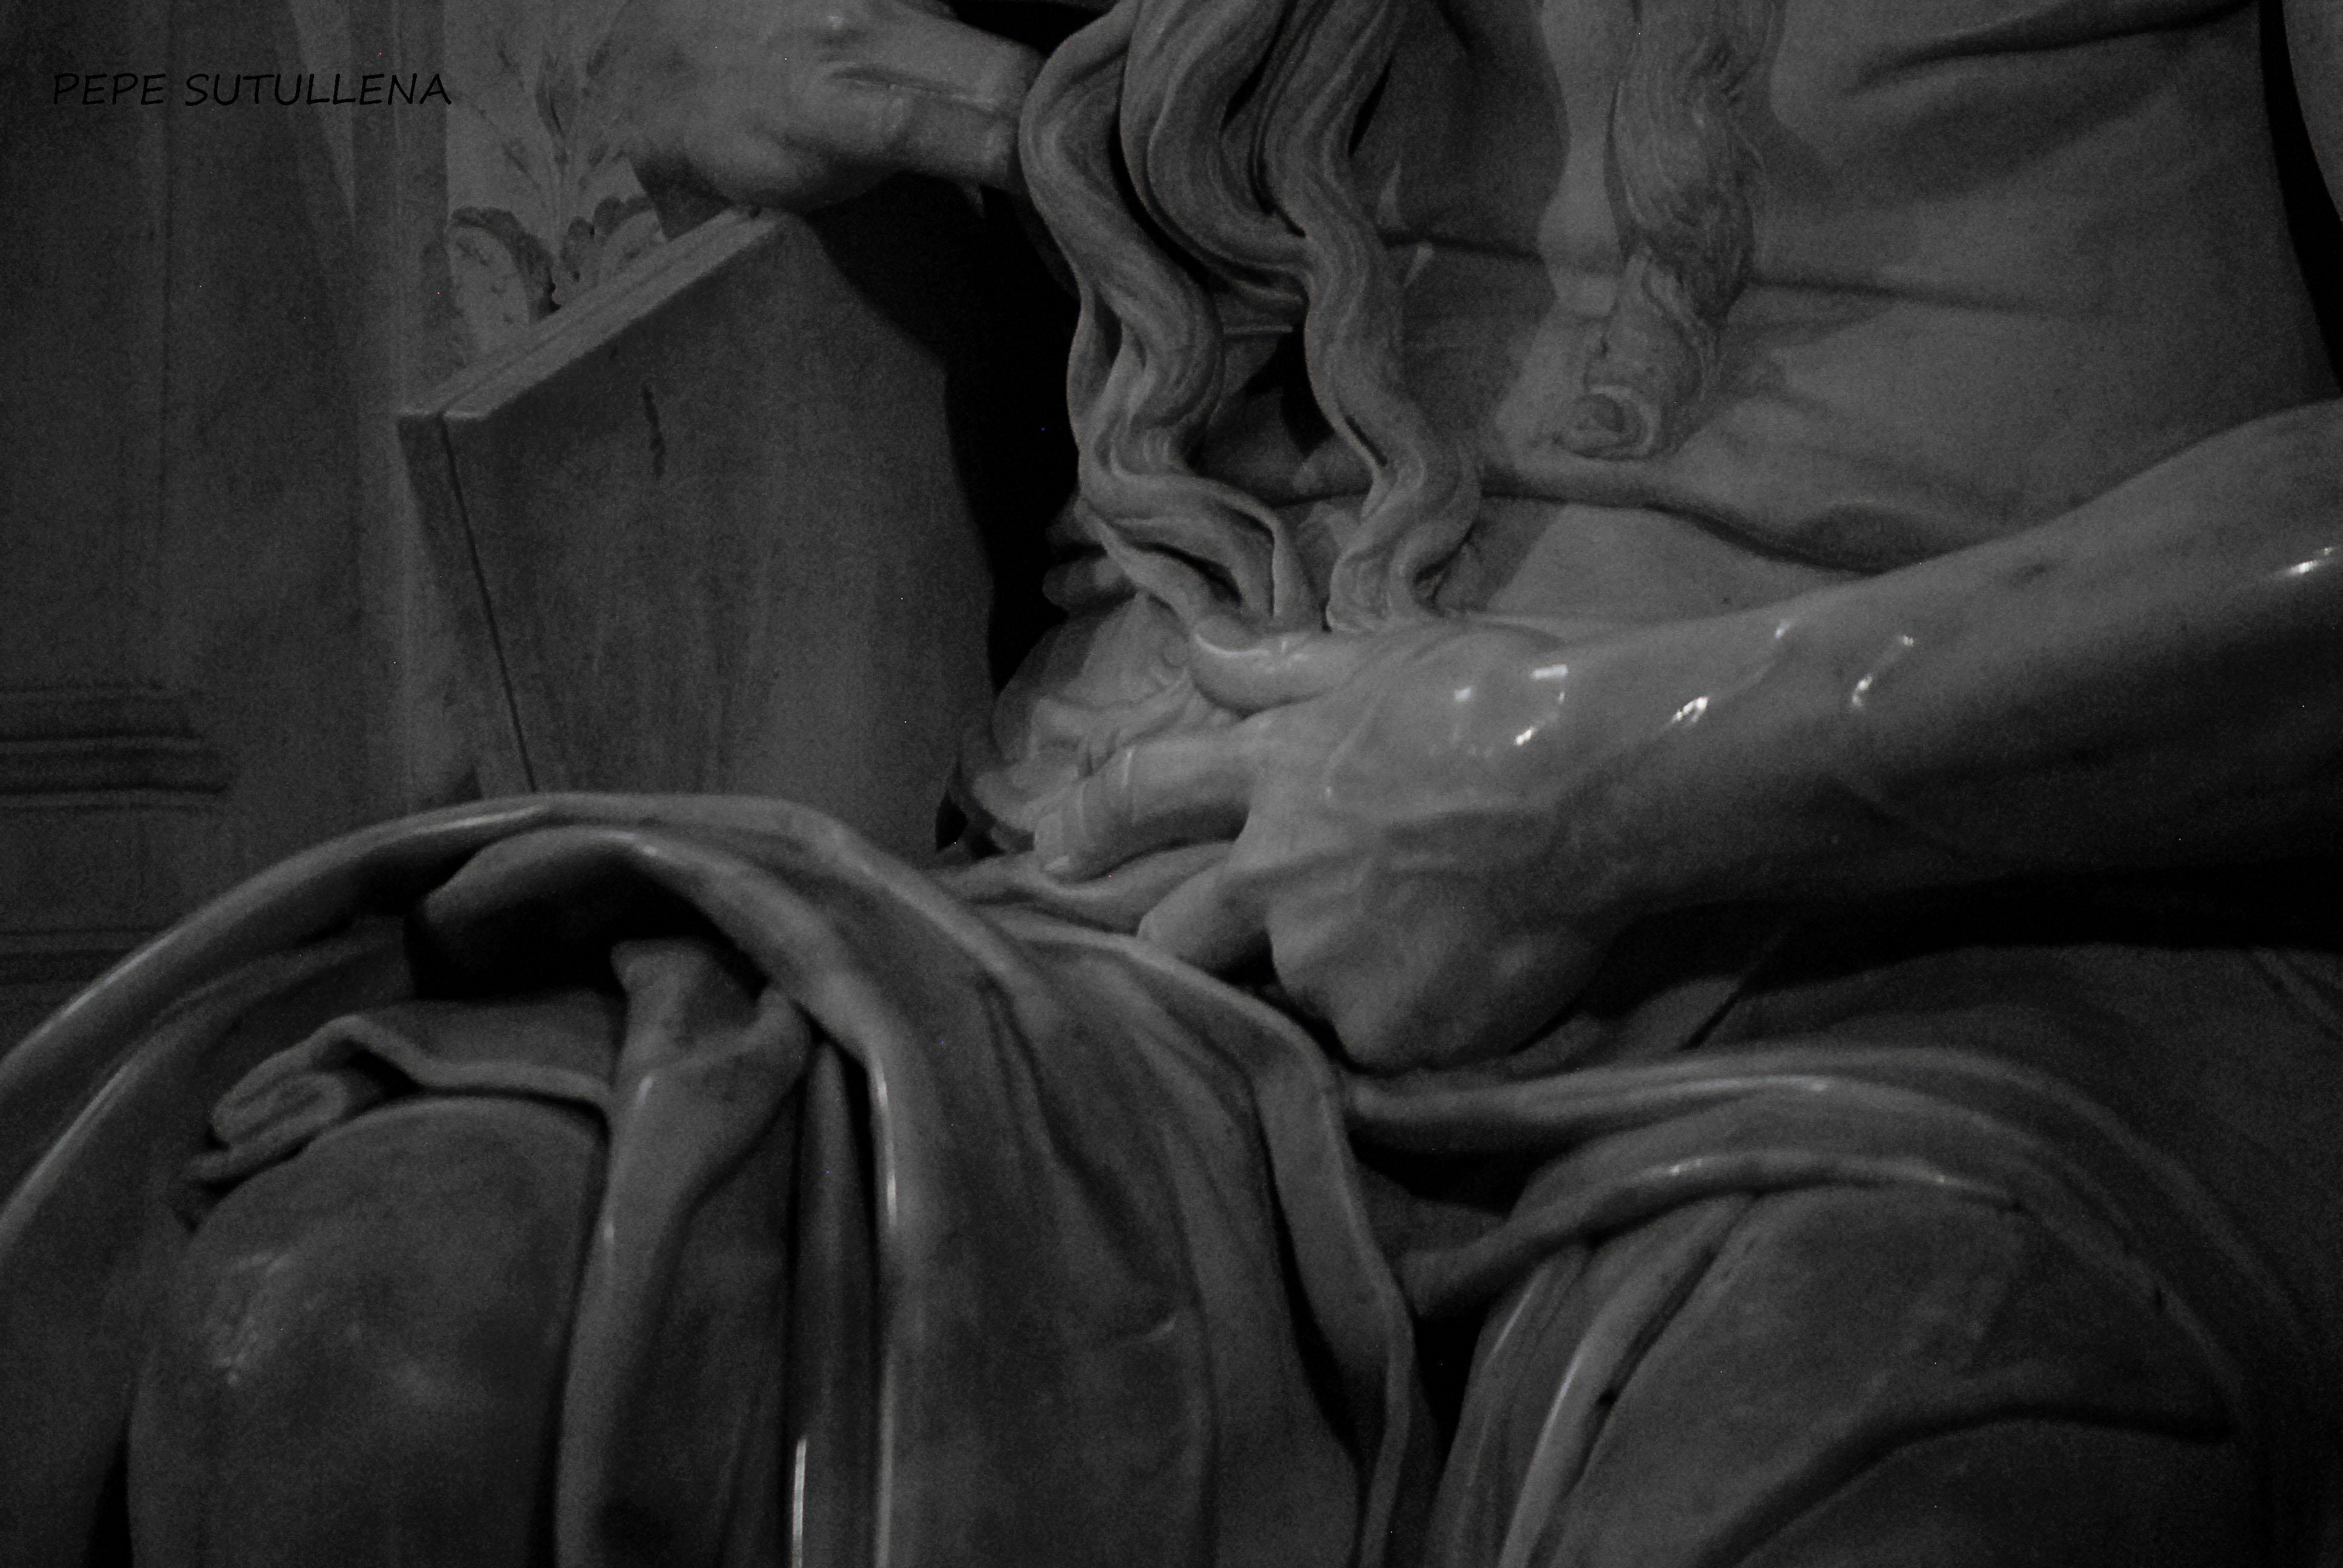 Detalle del brazo del Moisés